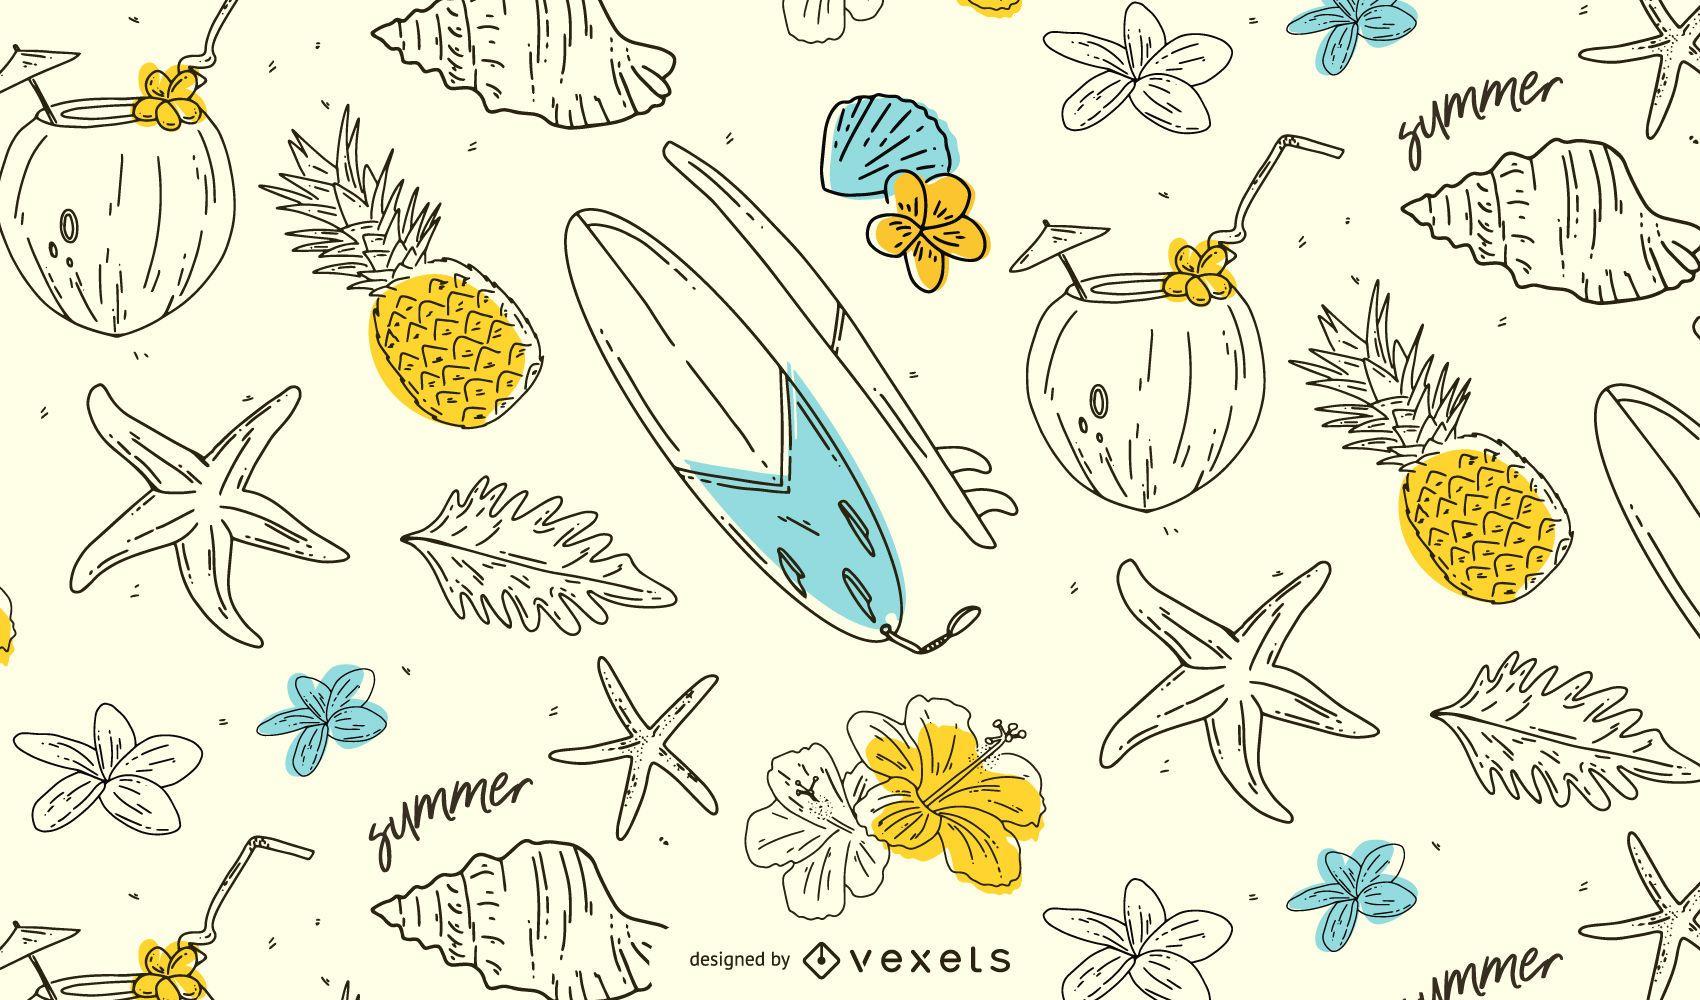 Summer hand drawn pattern design